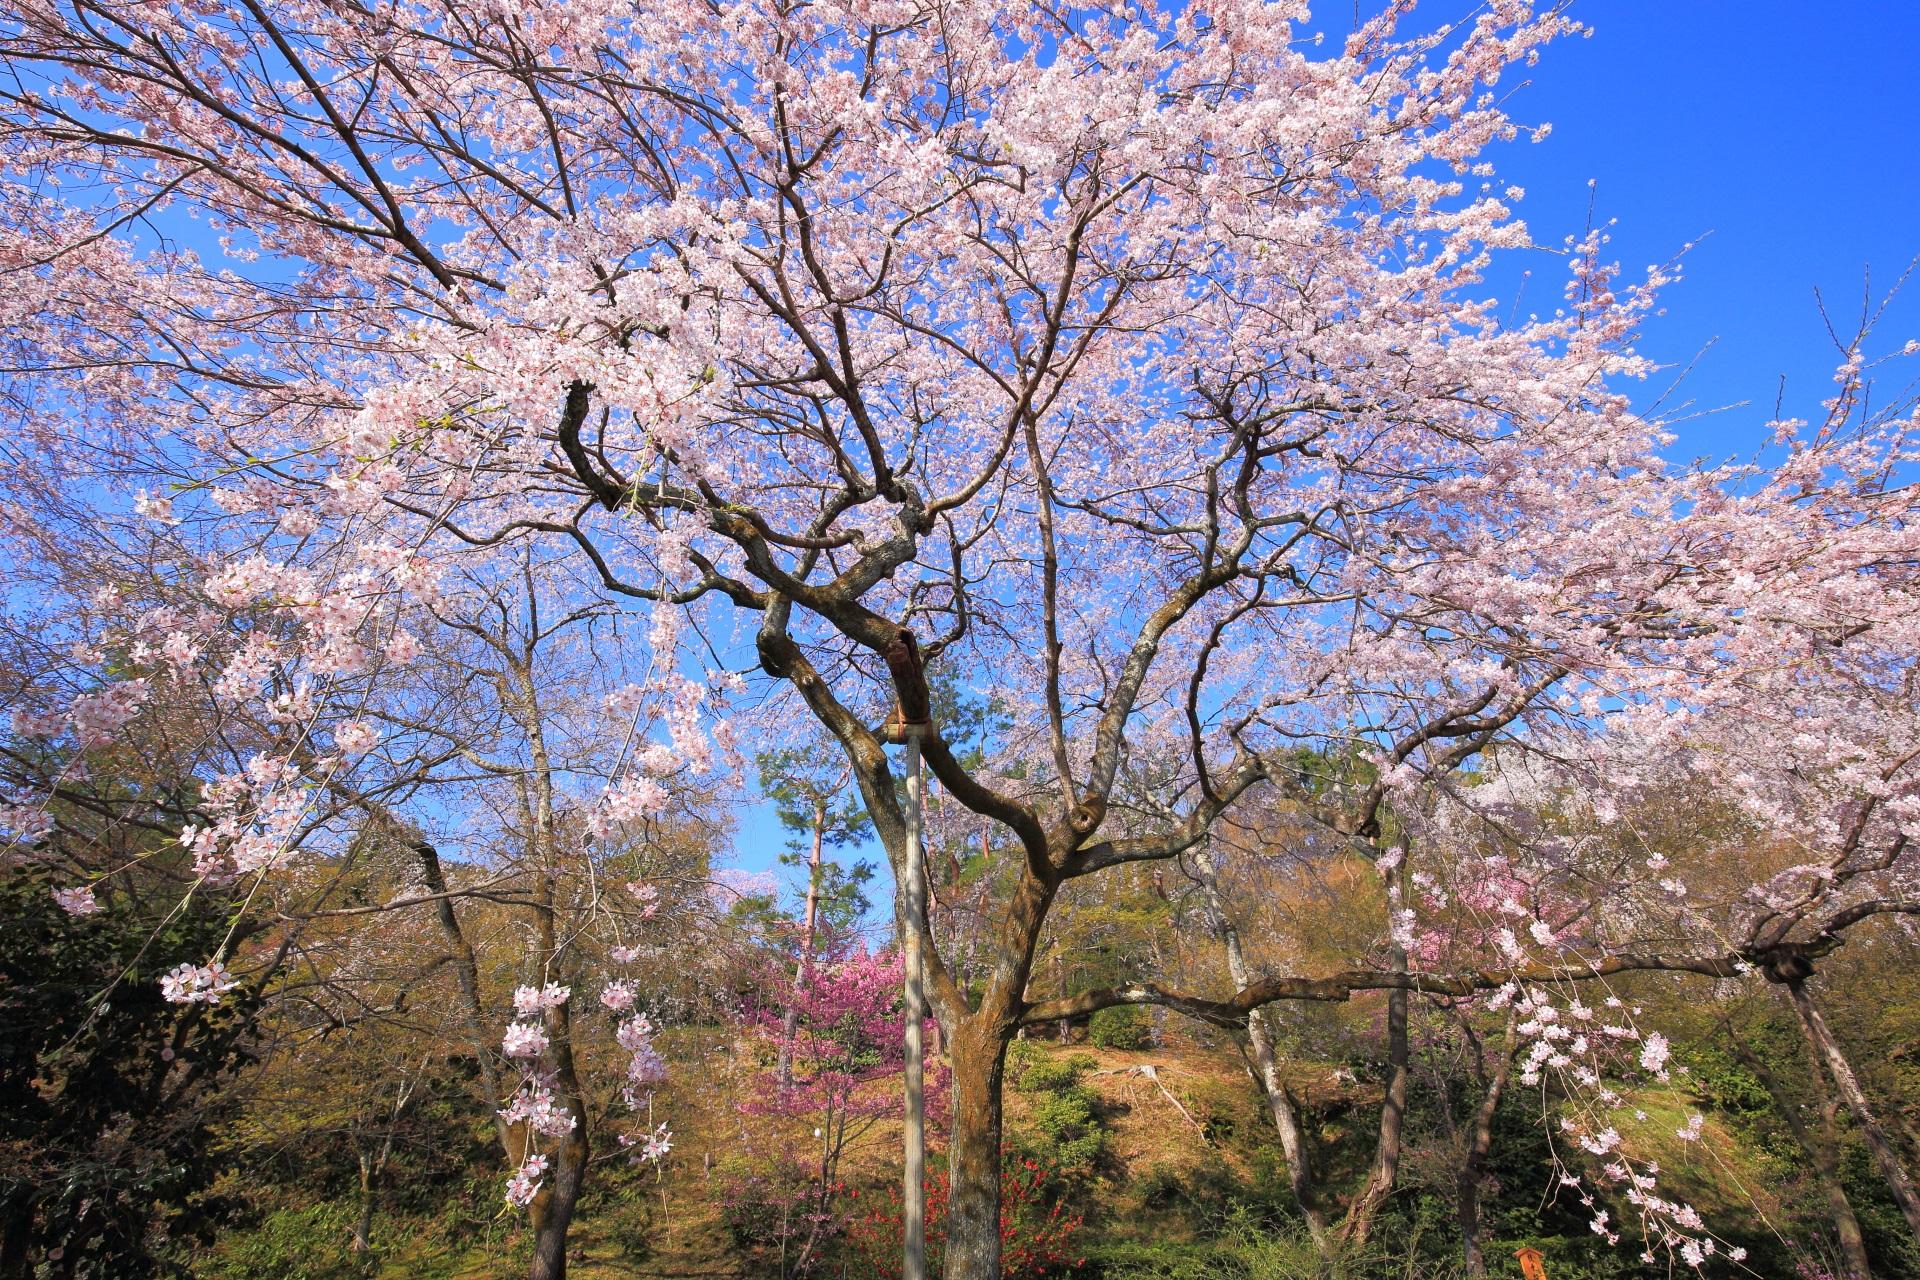 天龍寺の雲一つない青空から降り注ぐピンクの桜のシャワー